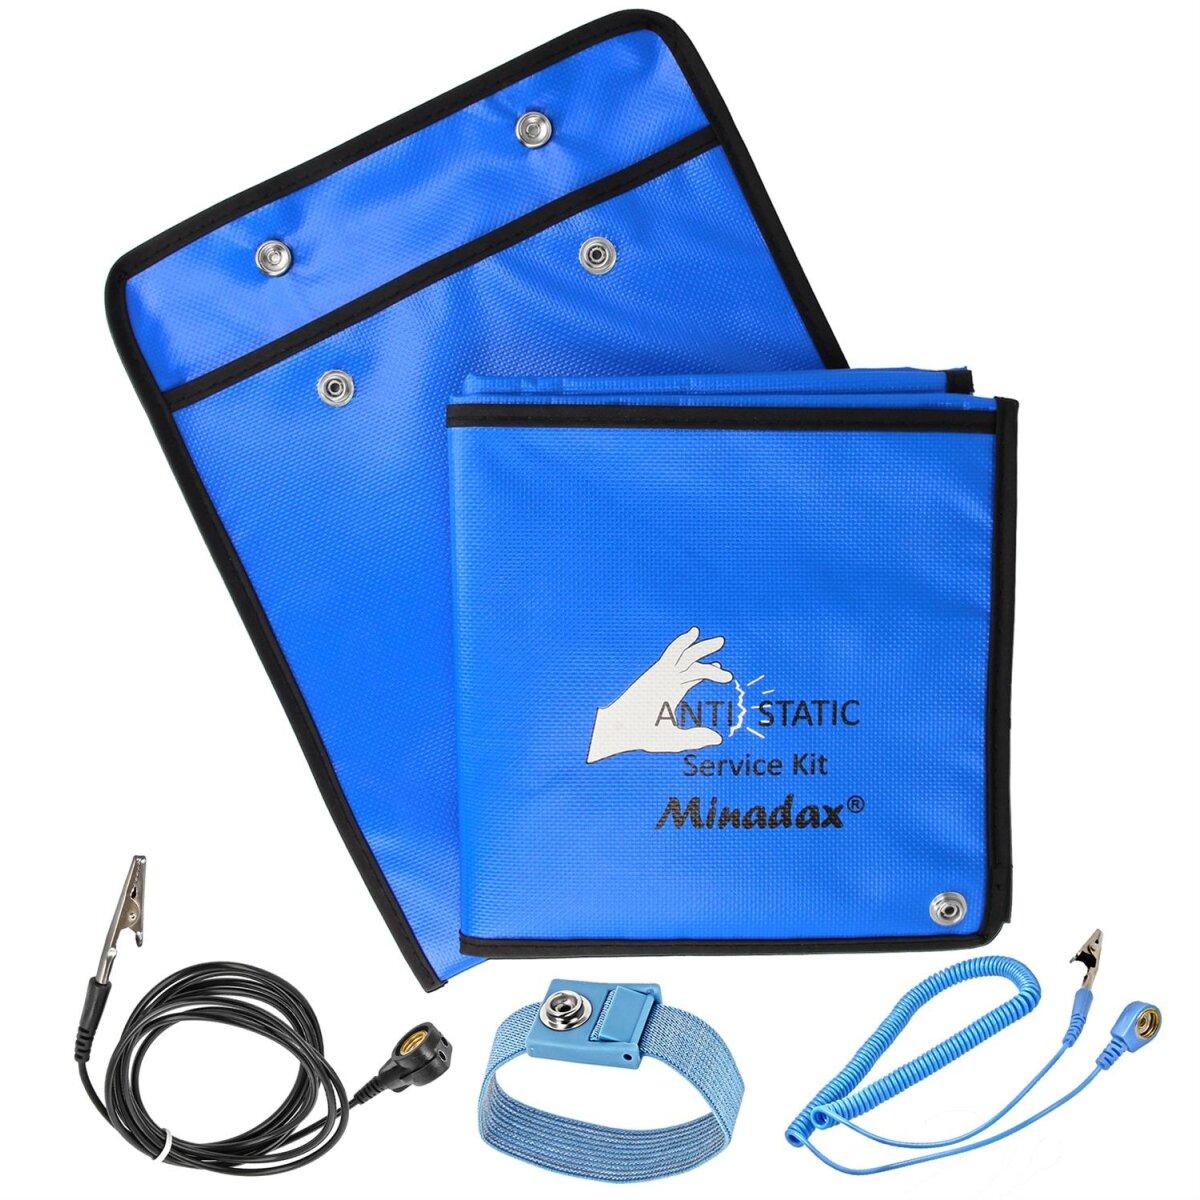 Minadax 60 x 80cm Antistatik-Portabel Set + Tasche ESD Antistatikmatte in Blau, Handgelenksschlaufe und Erdungskabel - Für ein sicheres Arbeiten und Schutz Ihrer Bauteile vor Entladungsschäden